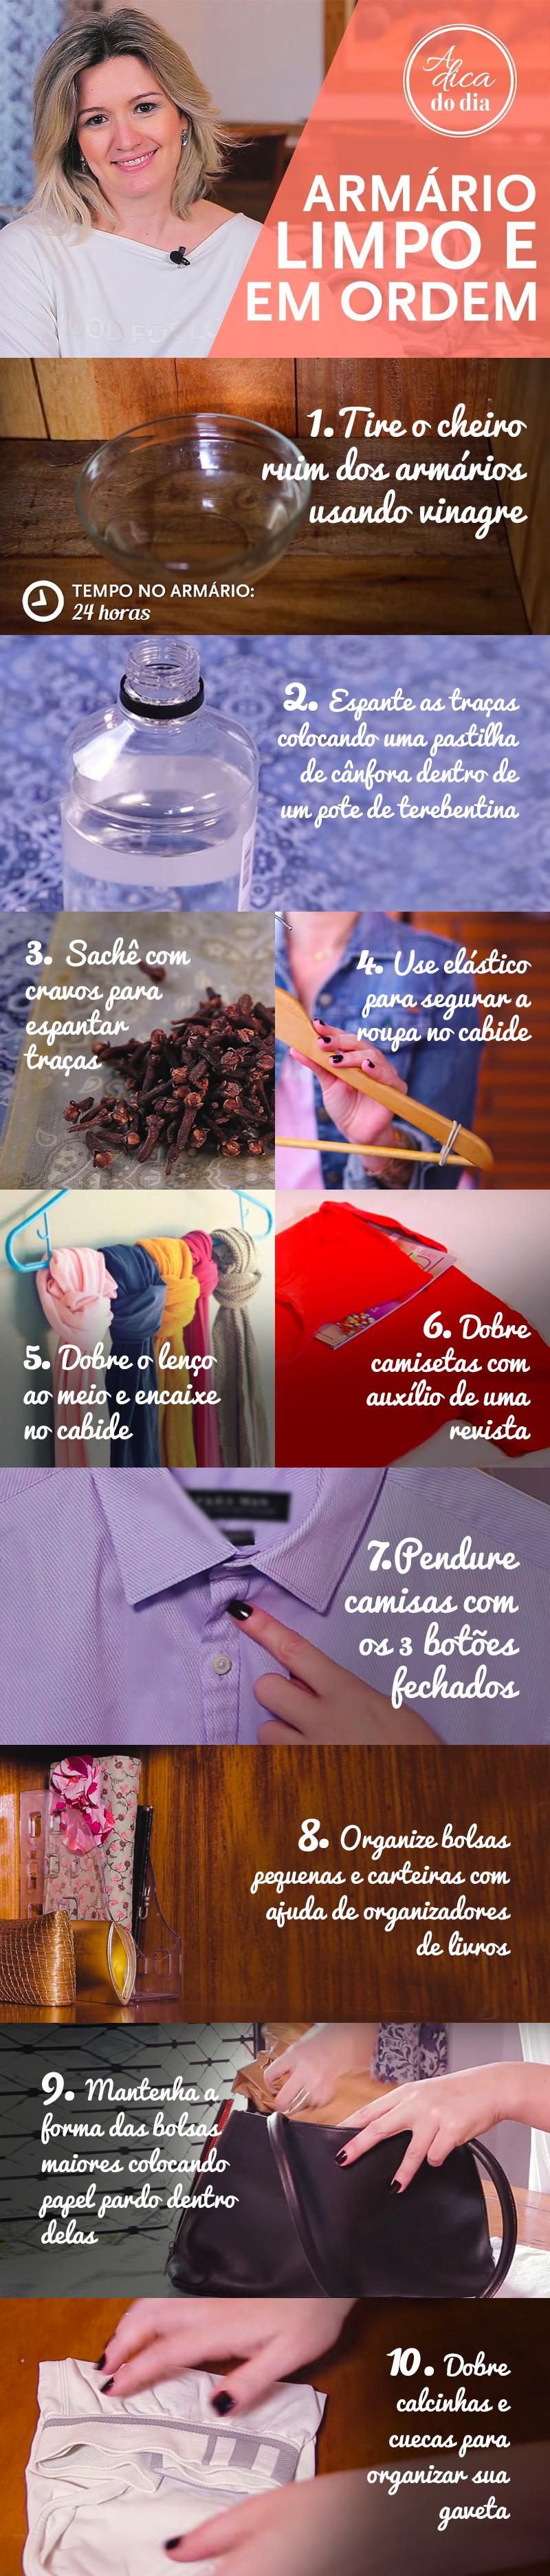 Dicas para manter seu armário limpo e em ordem